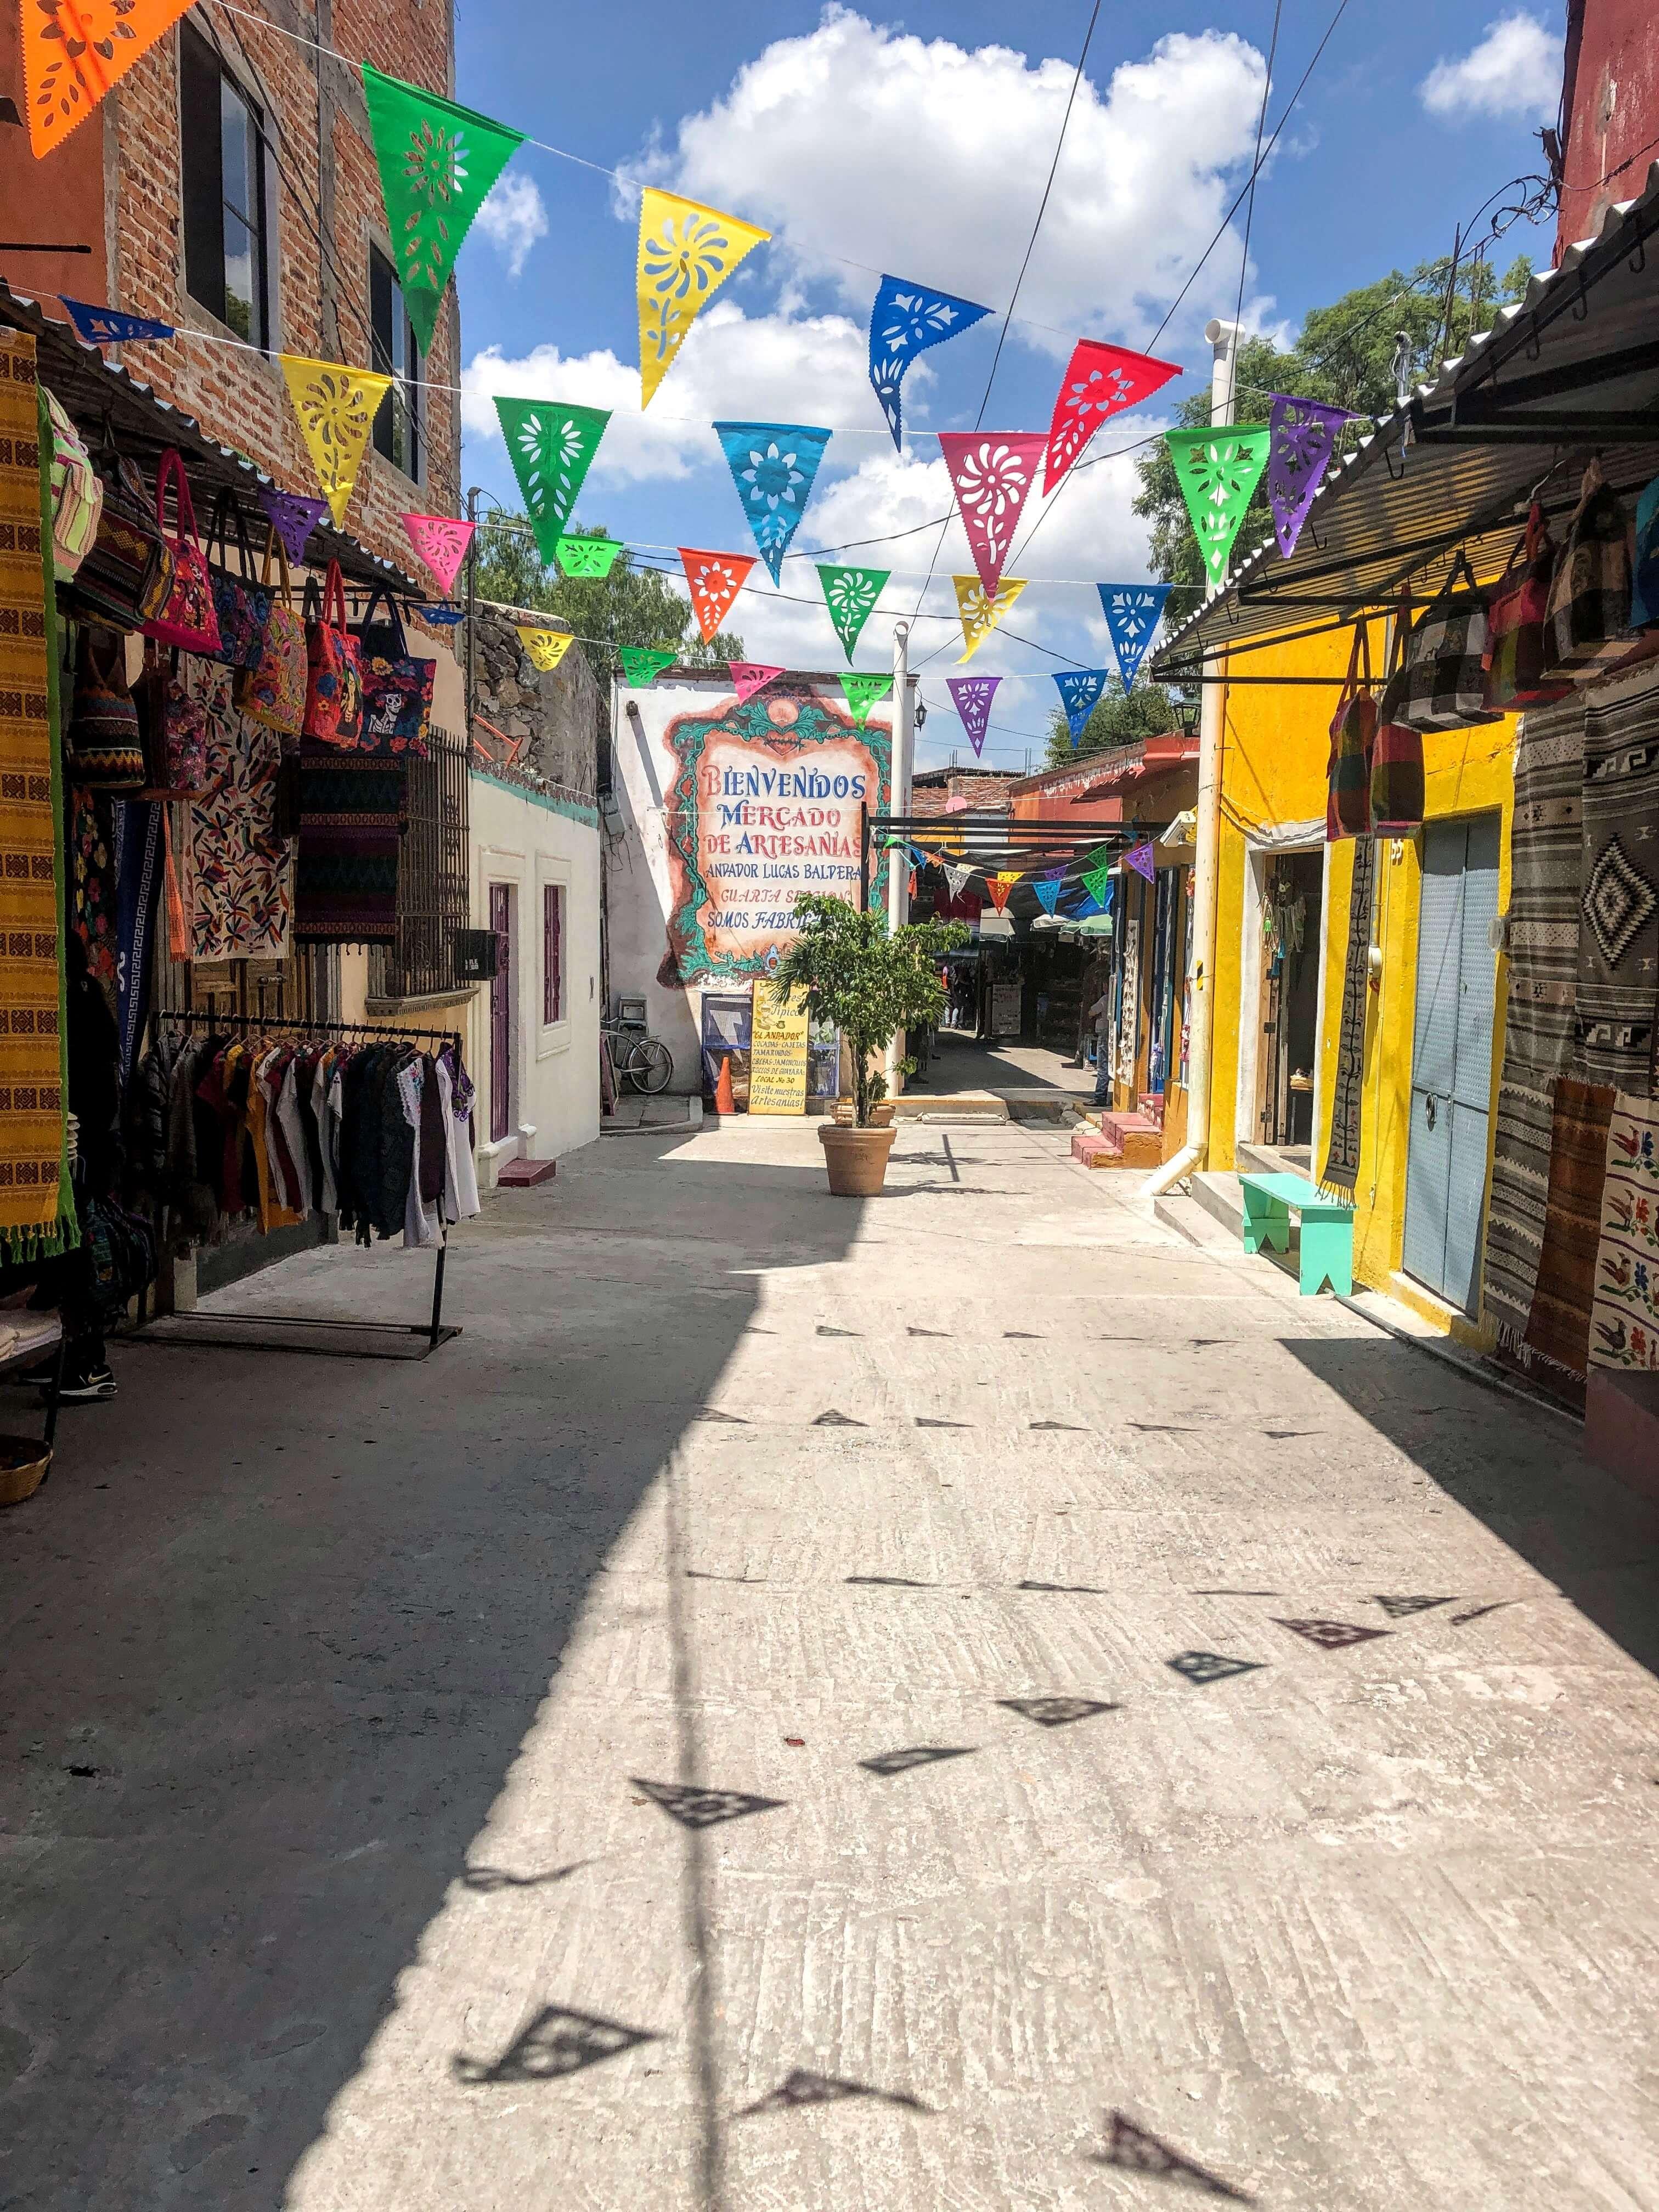 Mercado Artesianas in San Miguel de Allende